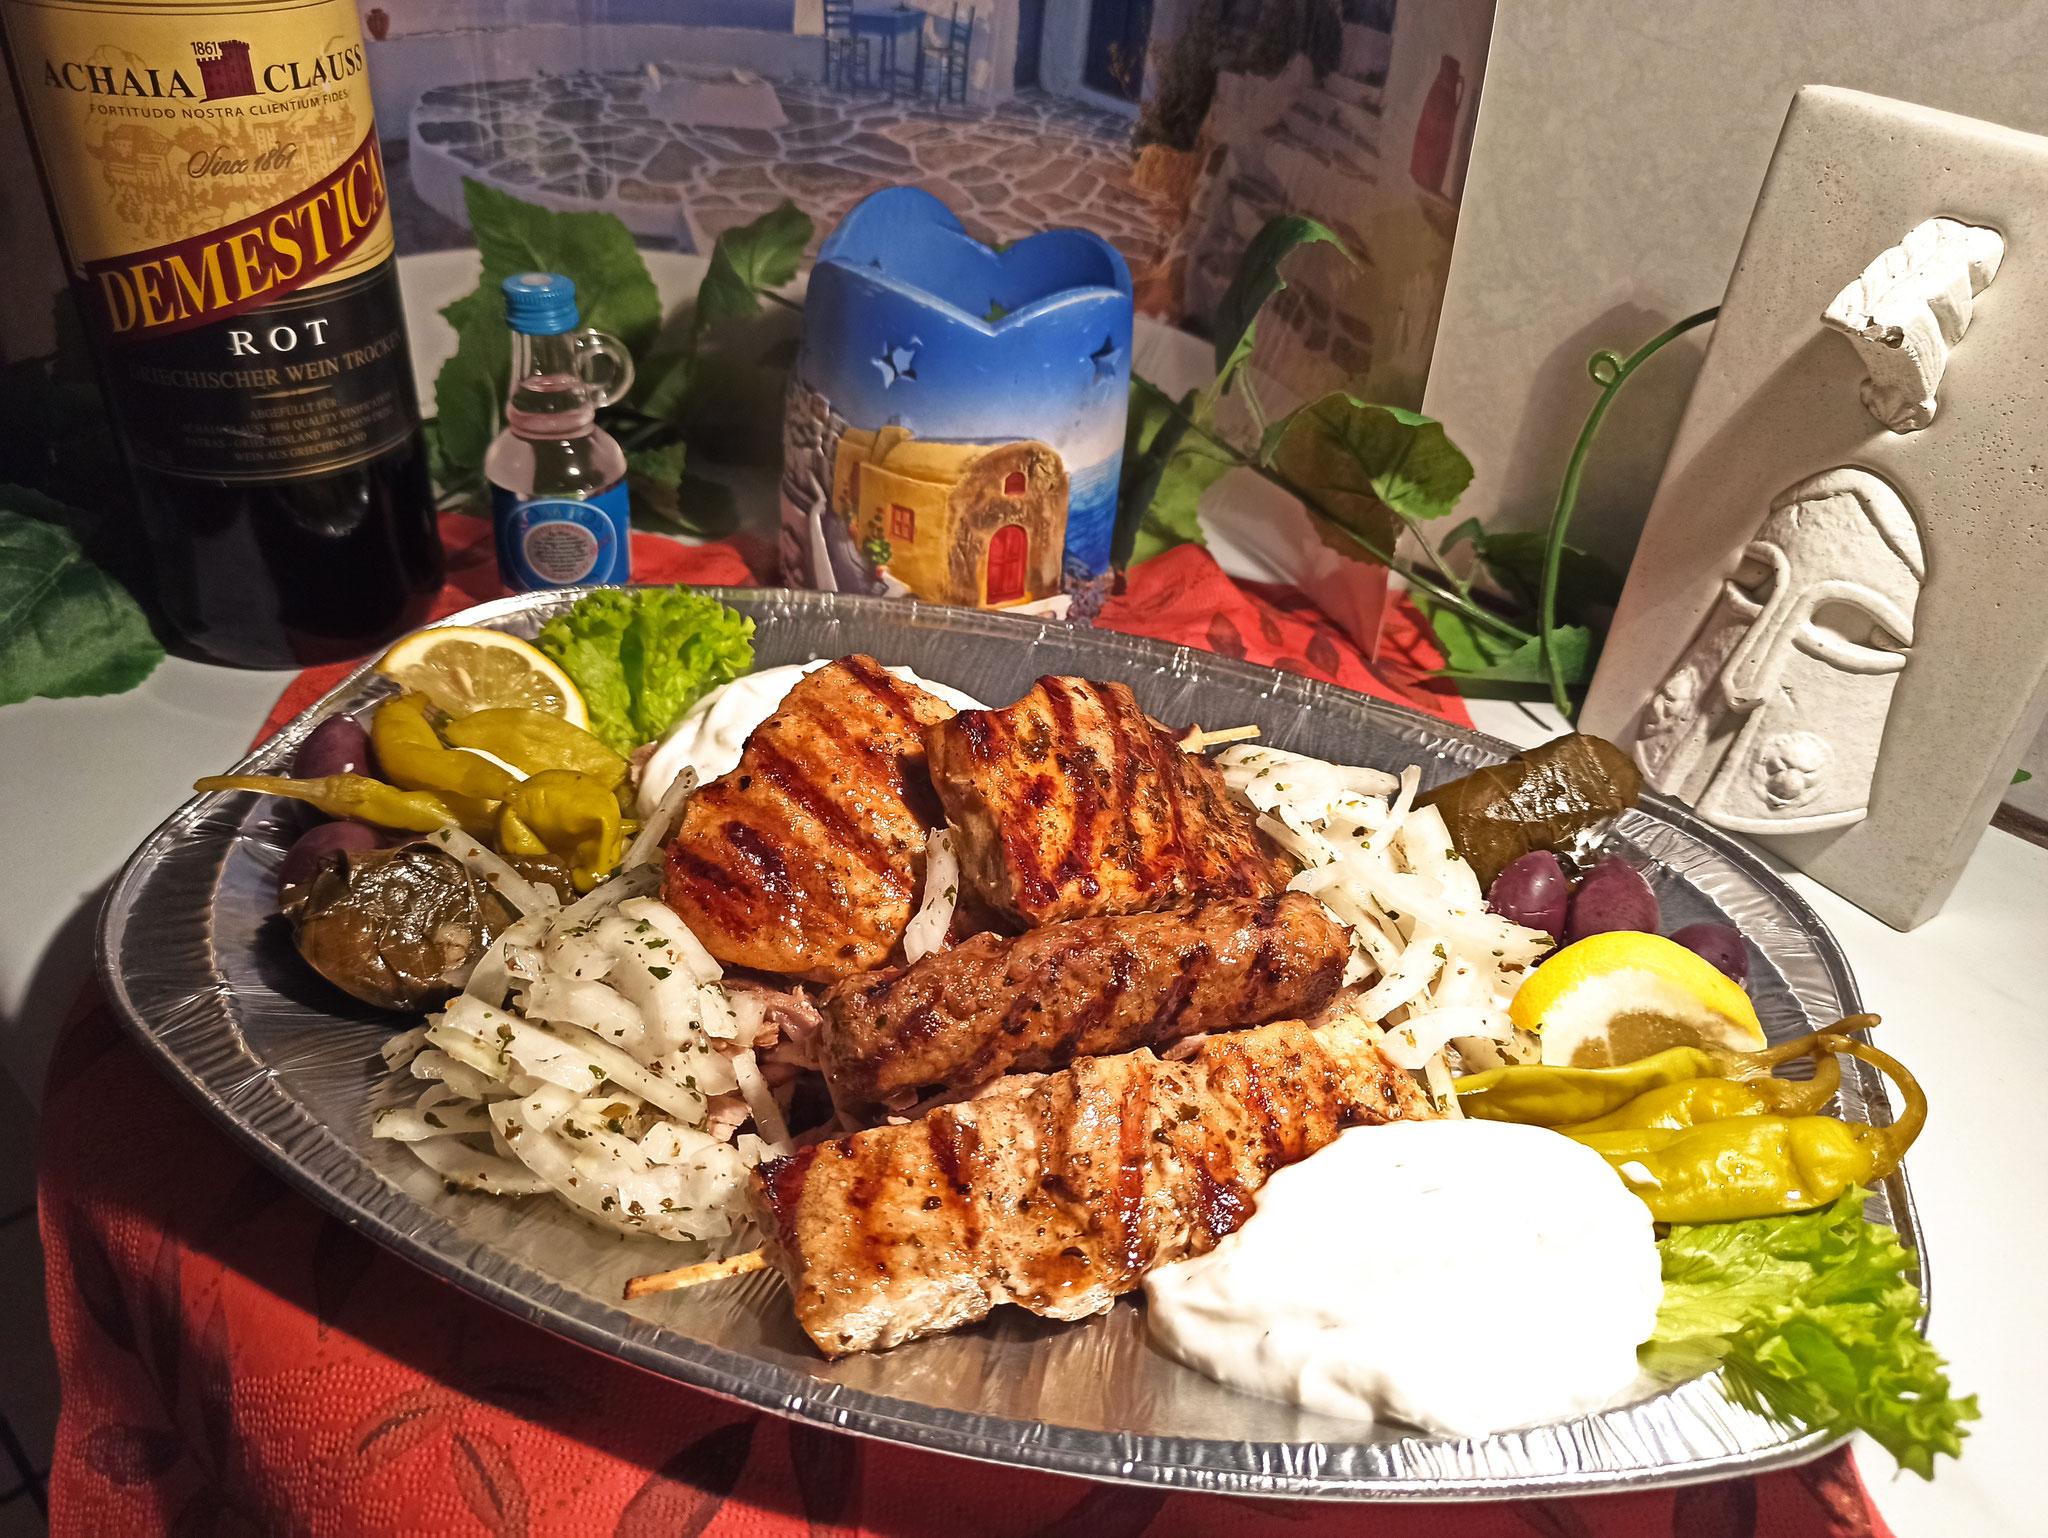 Unsere Grillplatte für zwei Personen: 4 Sorten Fleisch, Weinblätter, Peperoni, griechische Oliven, dazu Pommes oder Reis und Salat